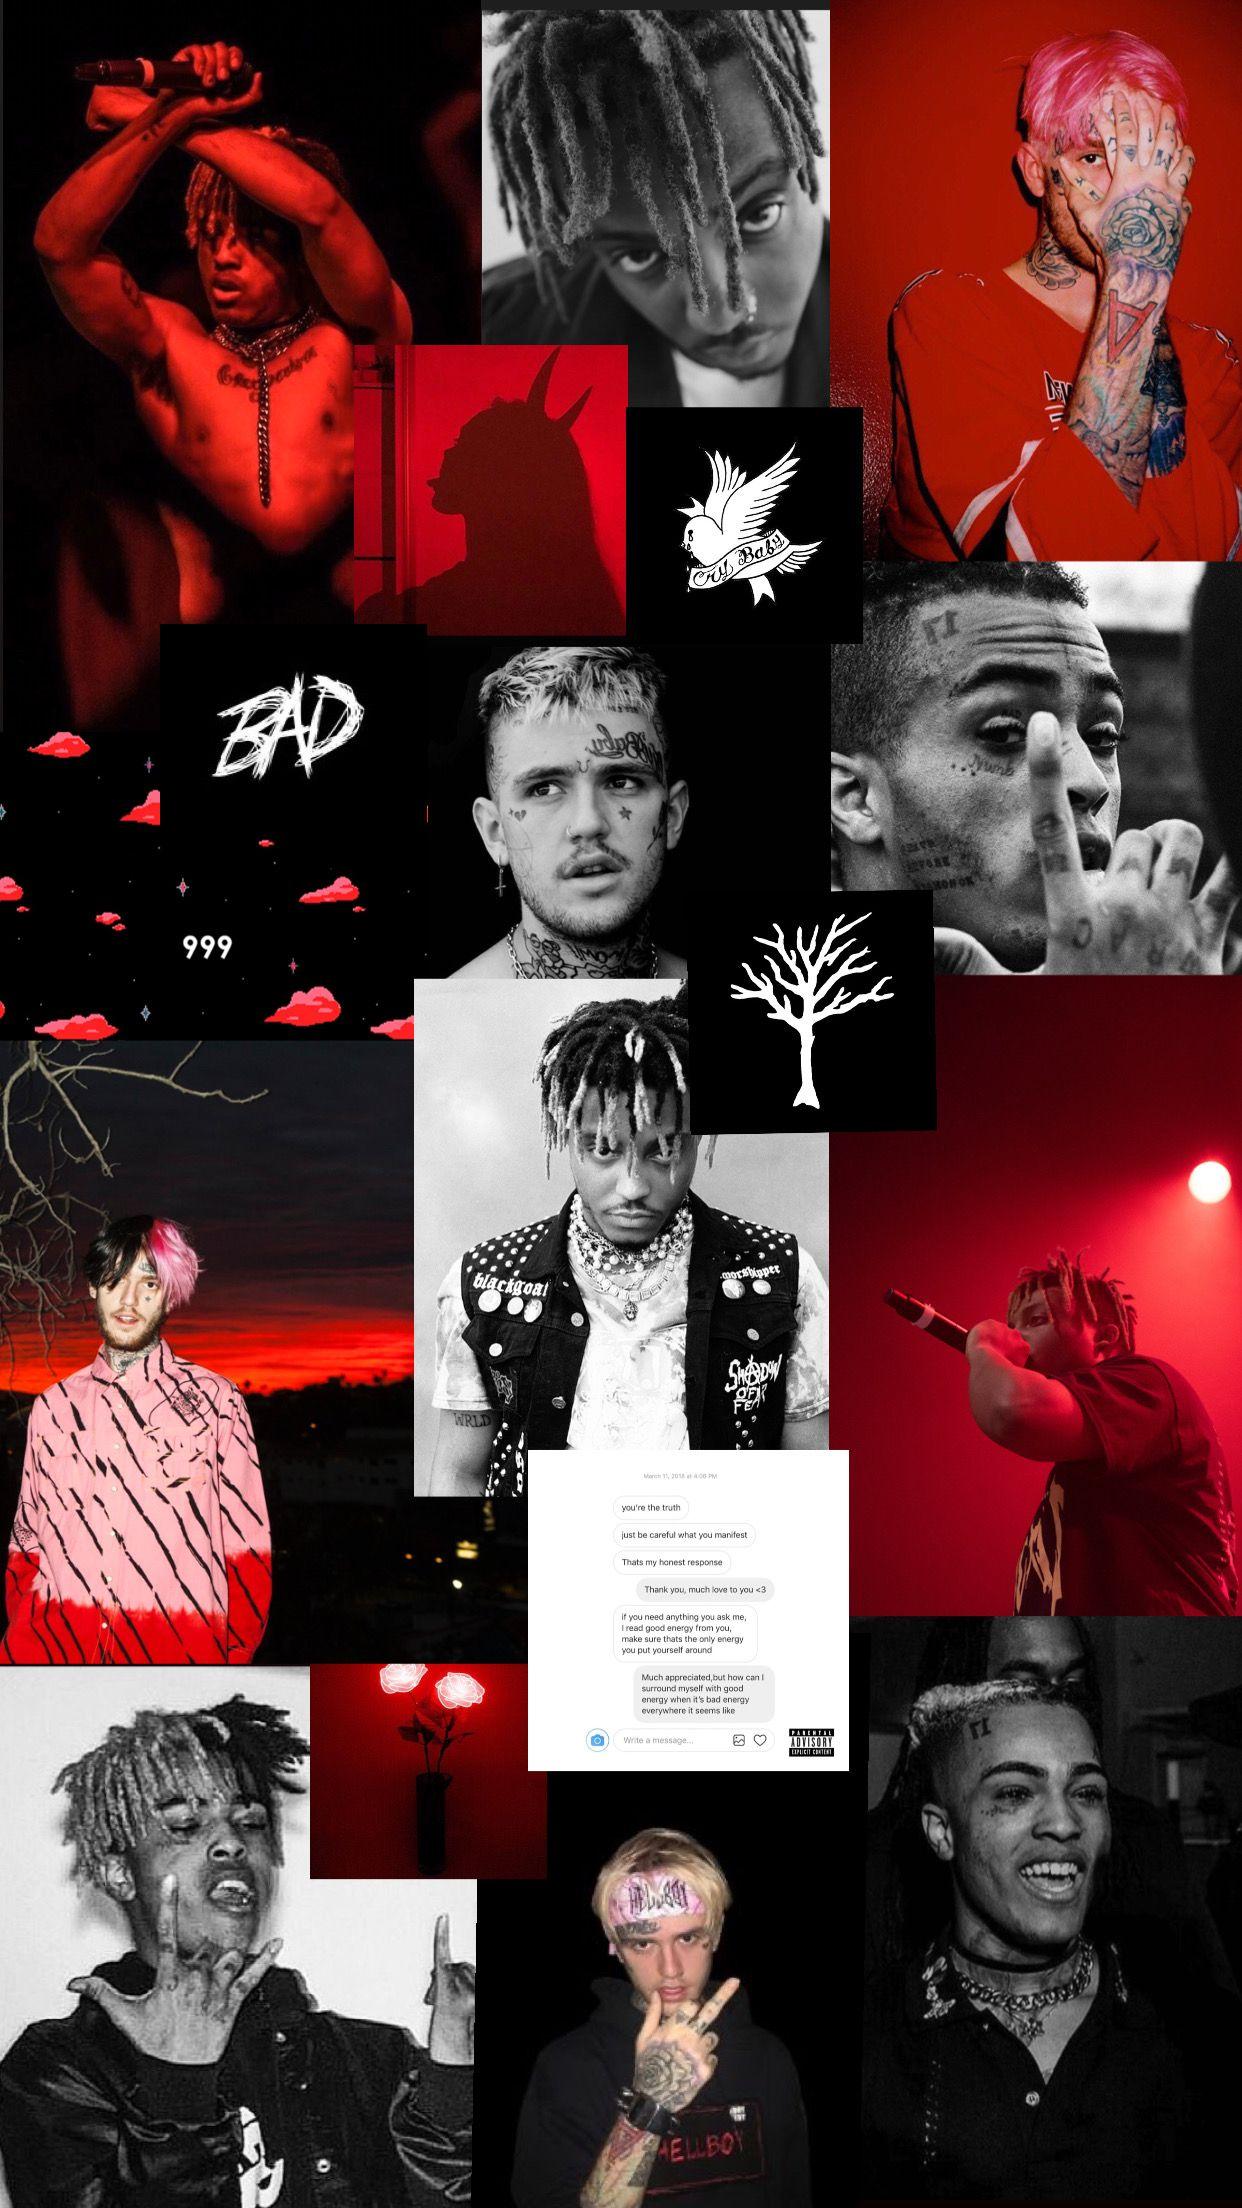 Legends🕊🖤 in 2020 Lil skies, Edgy wallpaper, Heartbreak